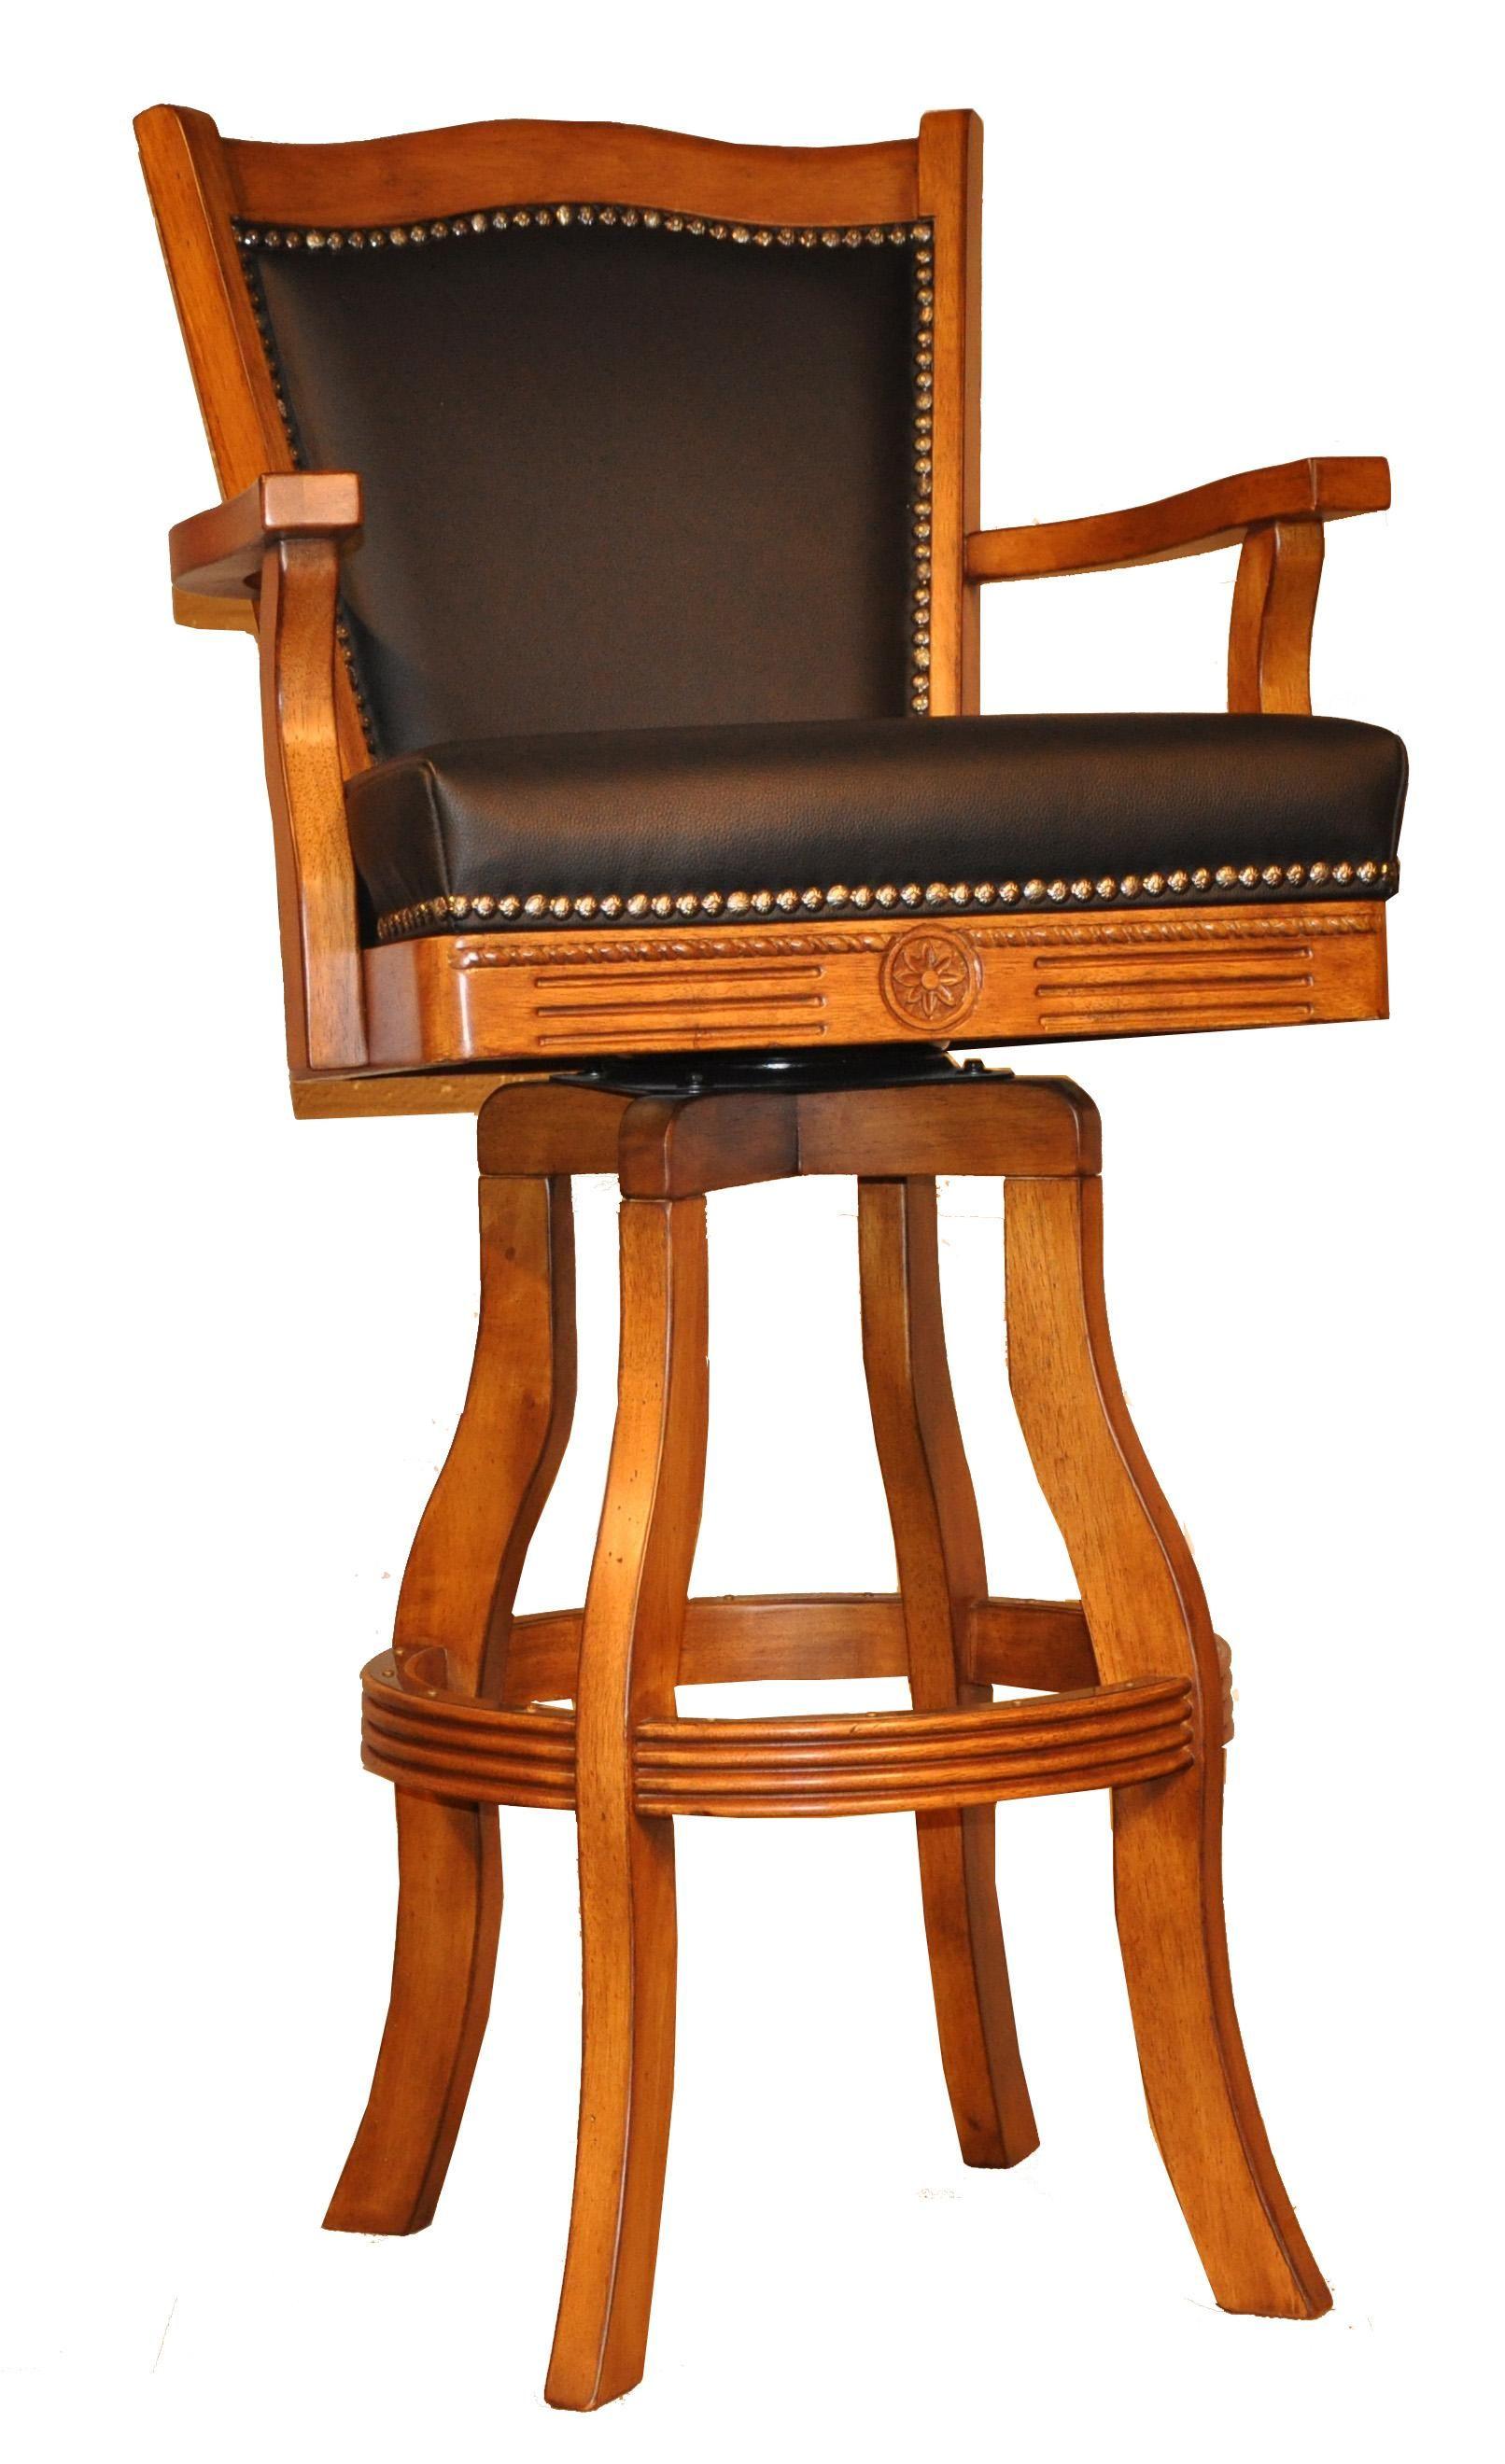 classy wooden swivel bar stool design inspiration in honey oak rh pinterest com